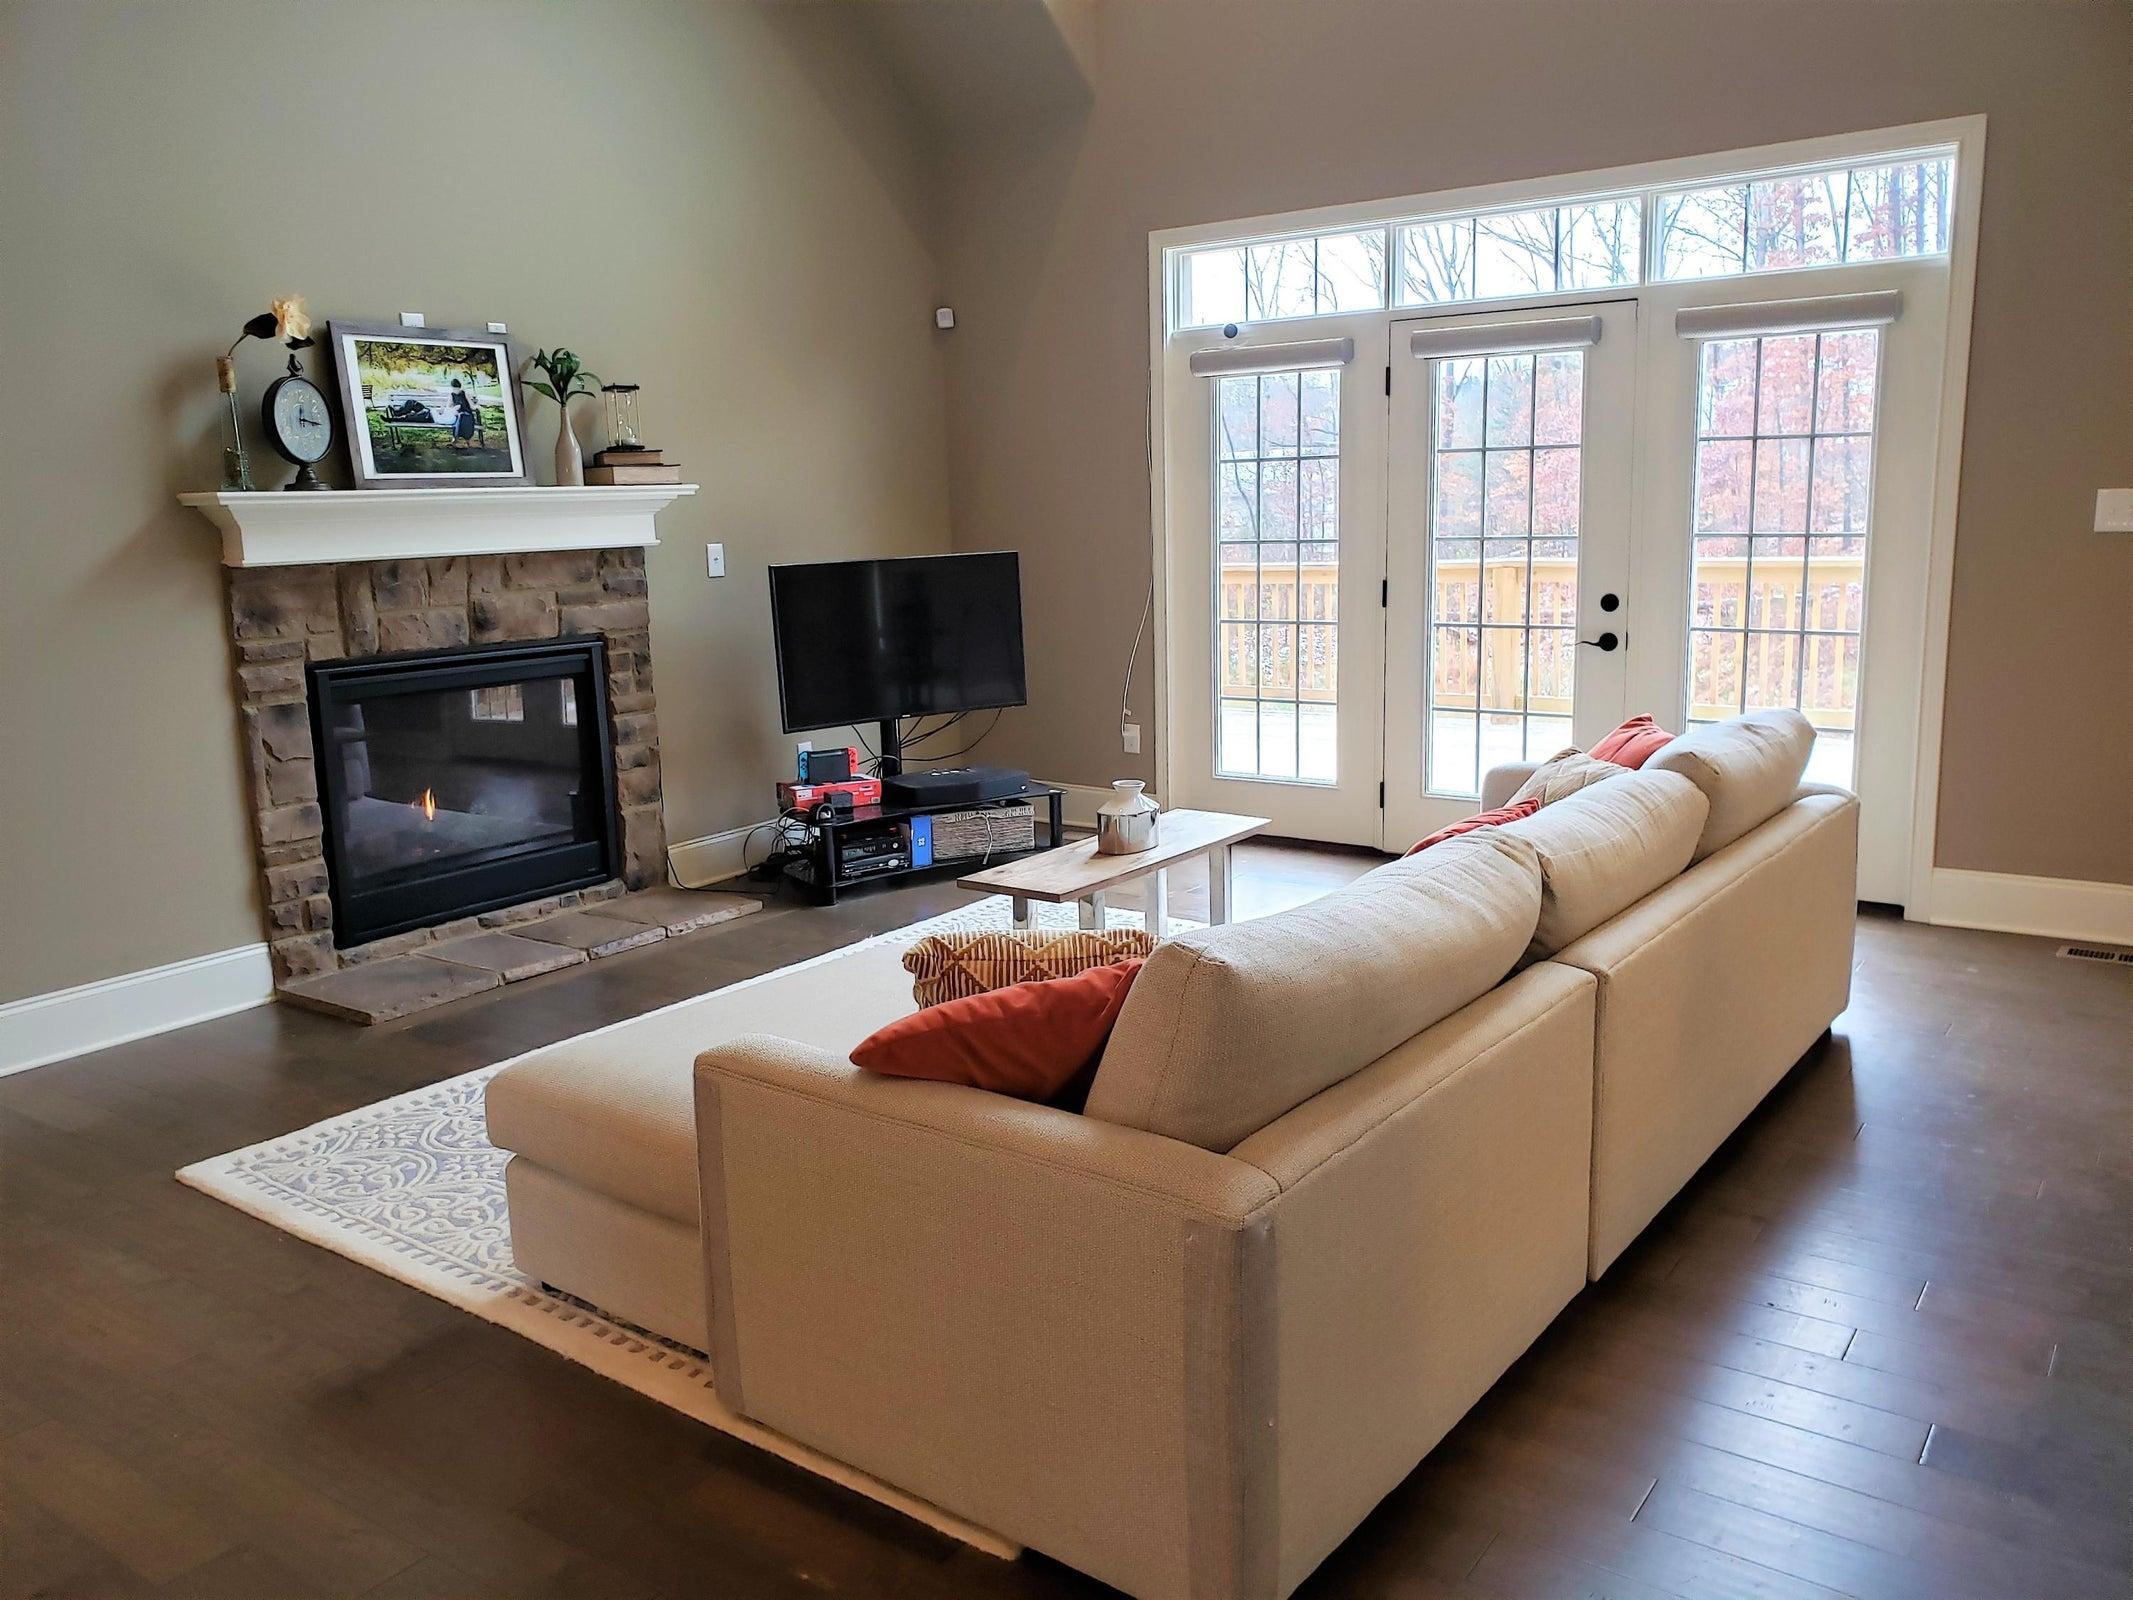 wendy siman - 4 living room